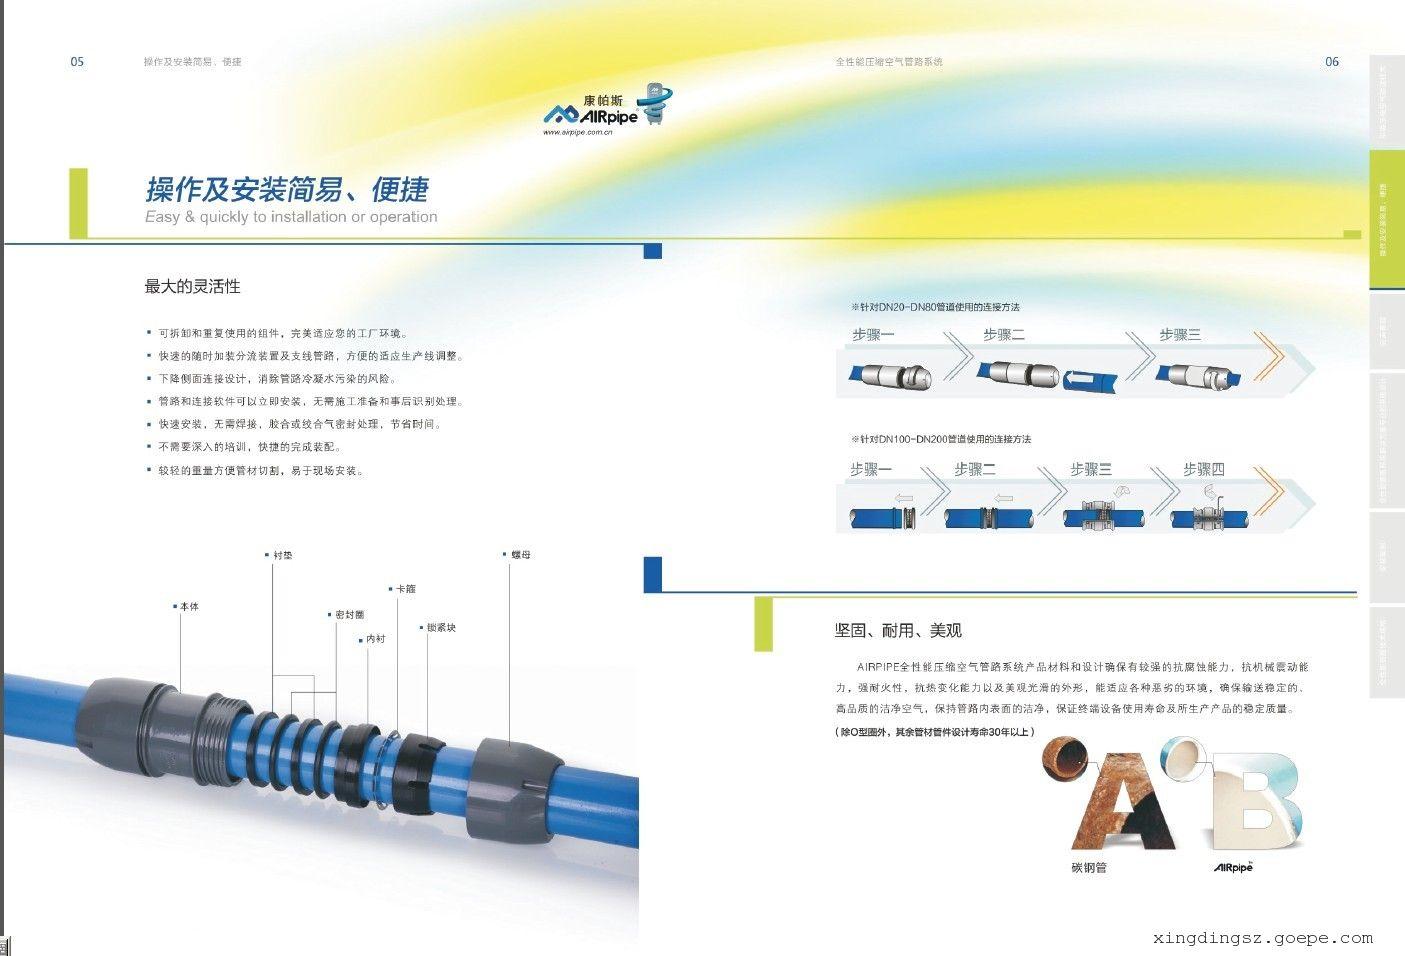 新型快装airpipe铝合金空气压缩管道